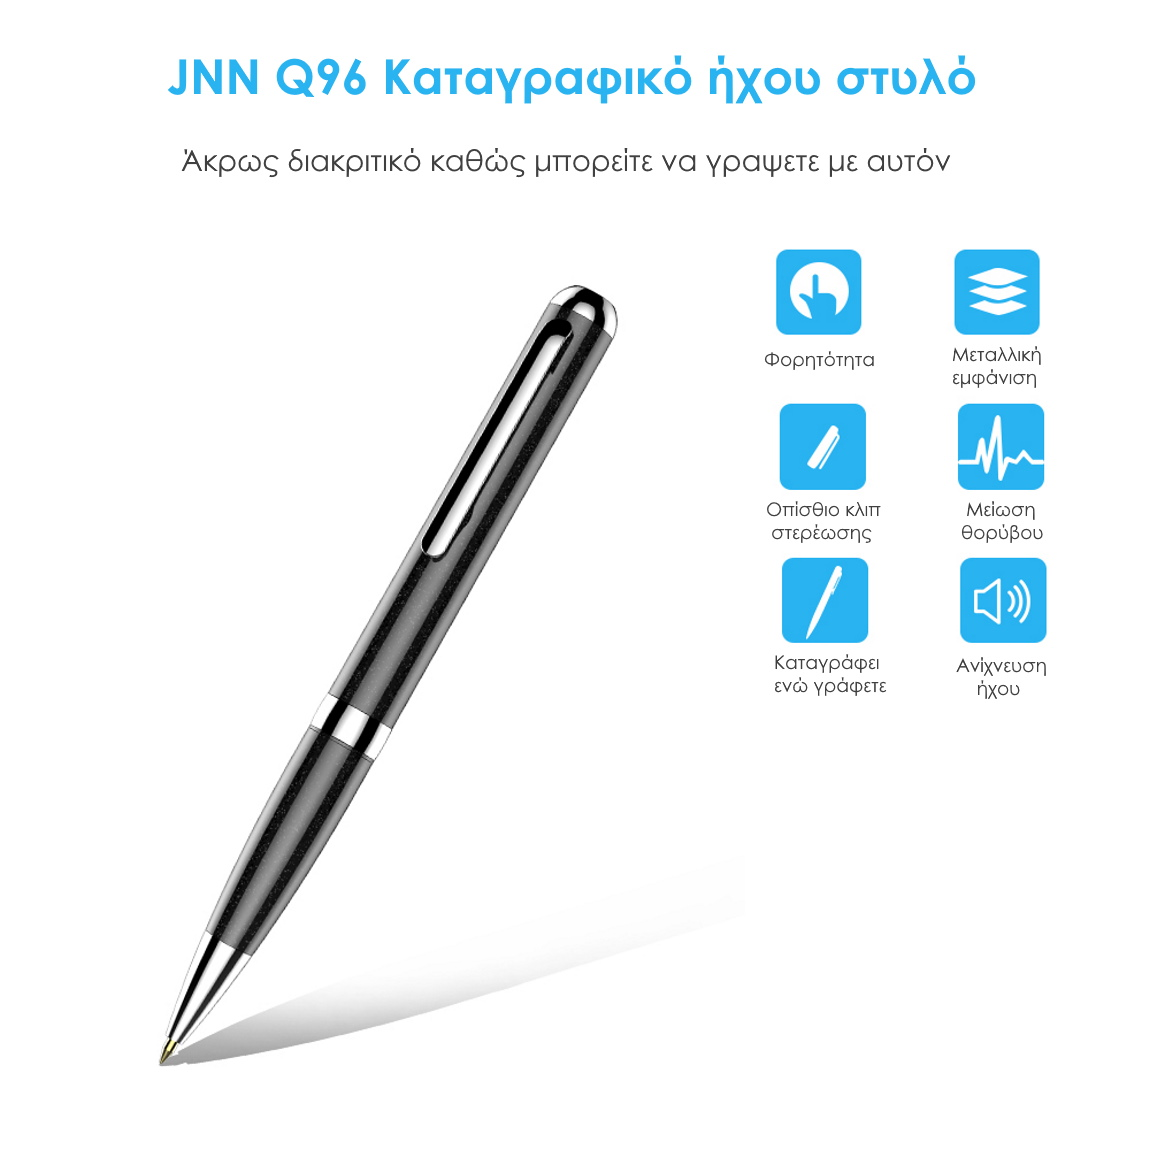 JNN Q96 Καταγραφικό ήχου στυλό βασικά χαρακτηριστικά